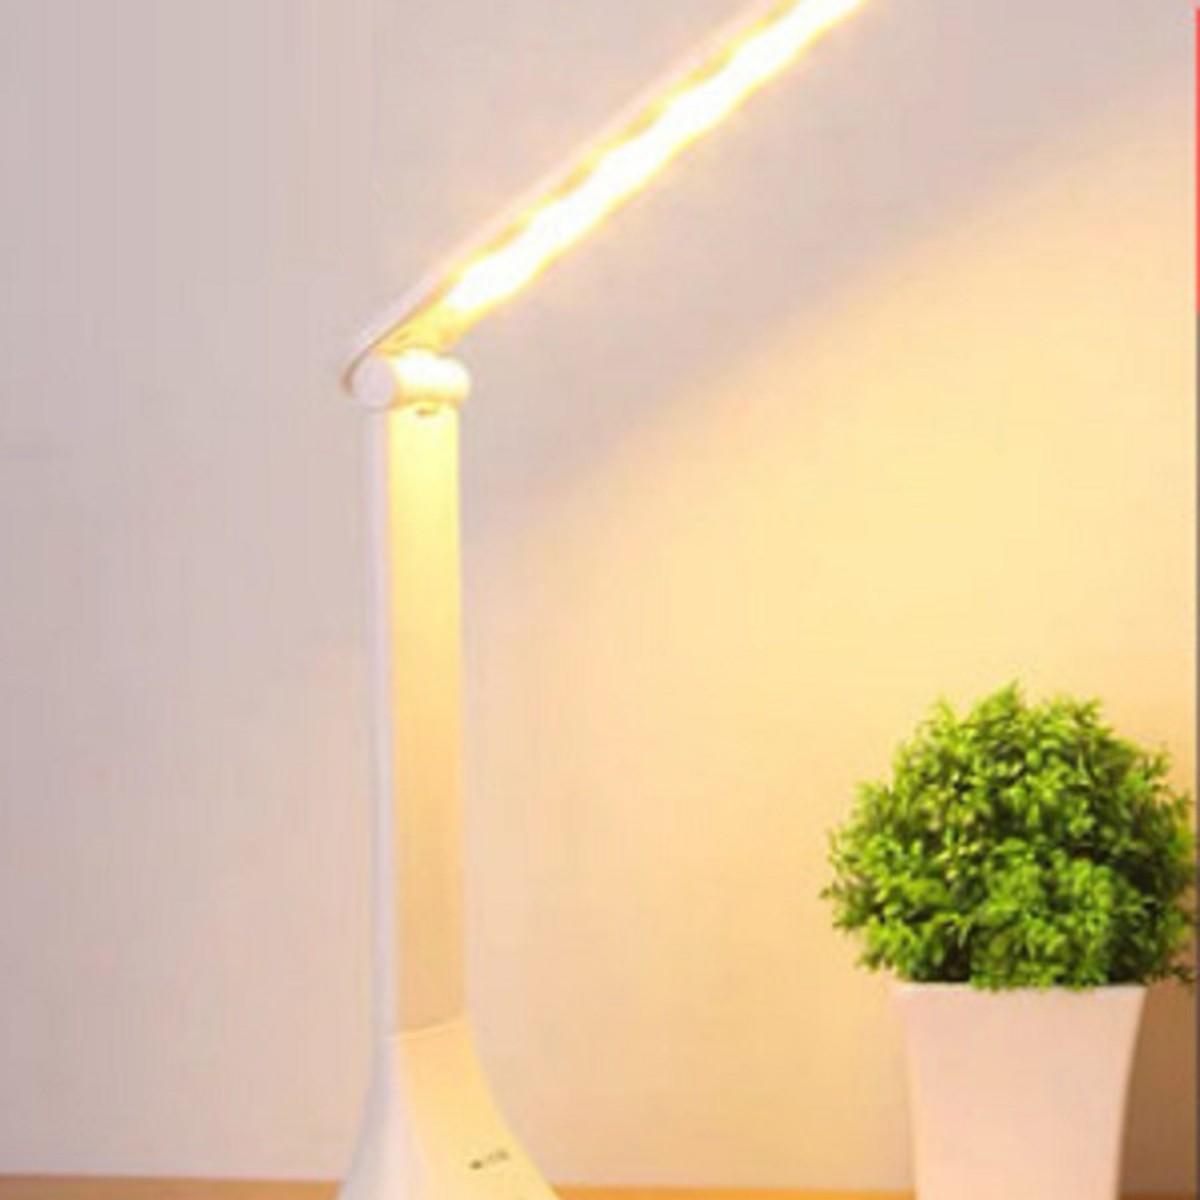 Đèn LED học sinh chống cận - đèn bàn học - đèn bàn làm việc - đèn học cảm  biến nhiều chế độ ánh sáng phù hợp với mắt - Đèn đọc